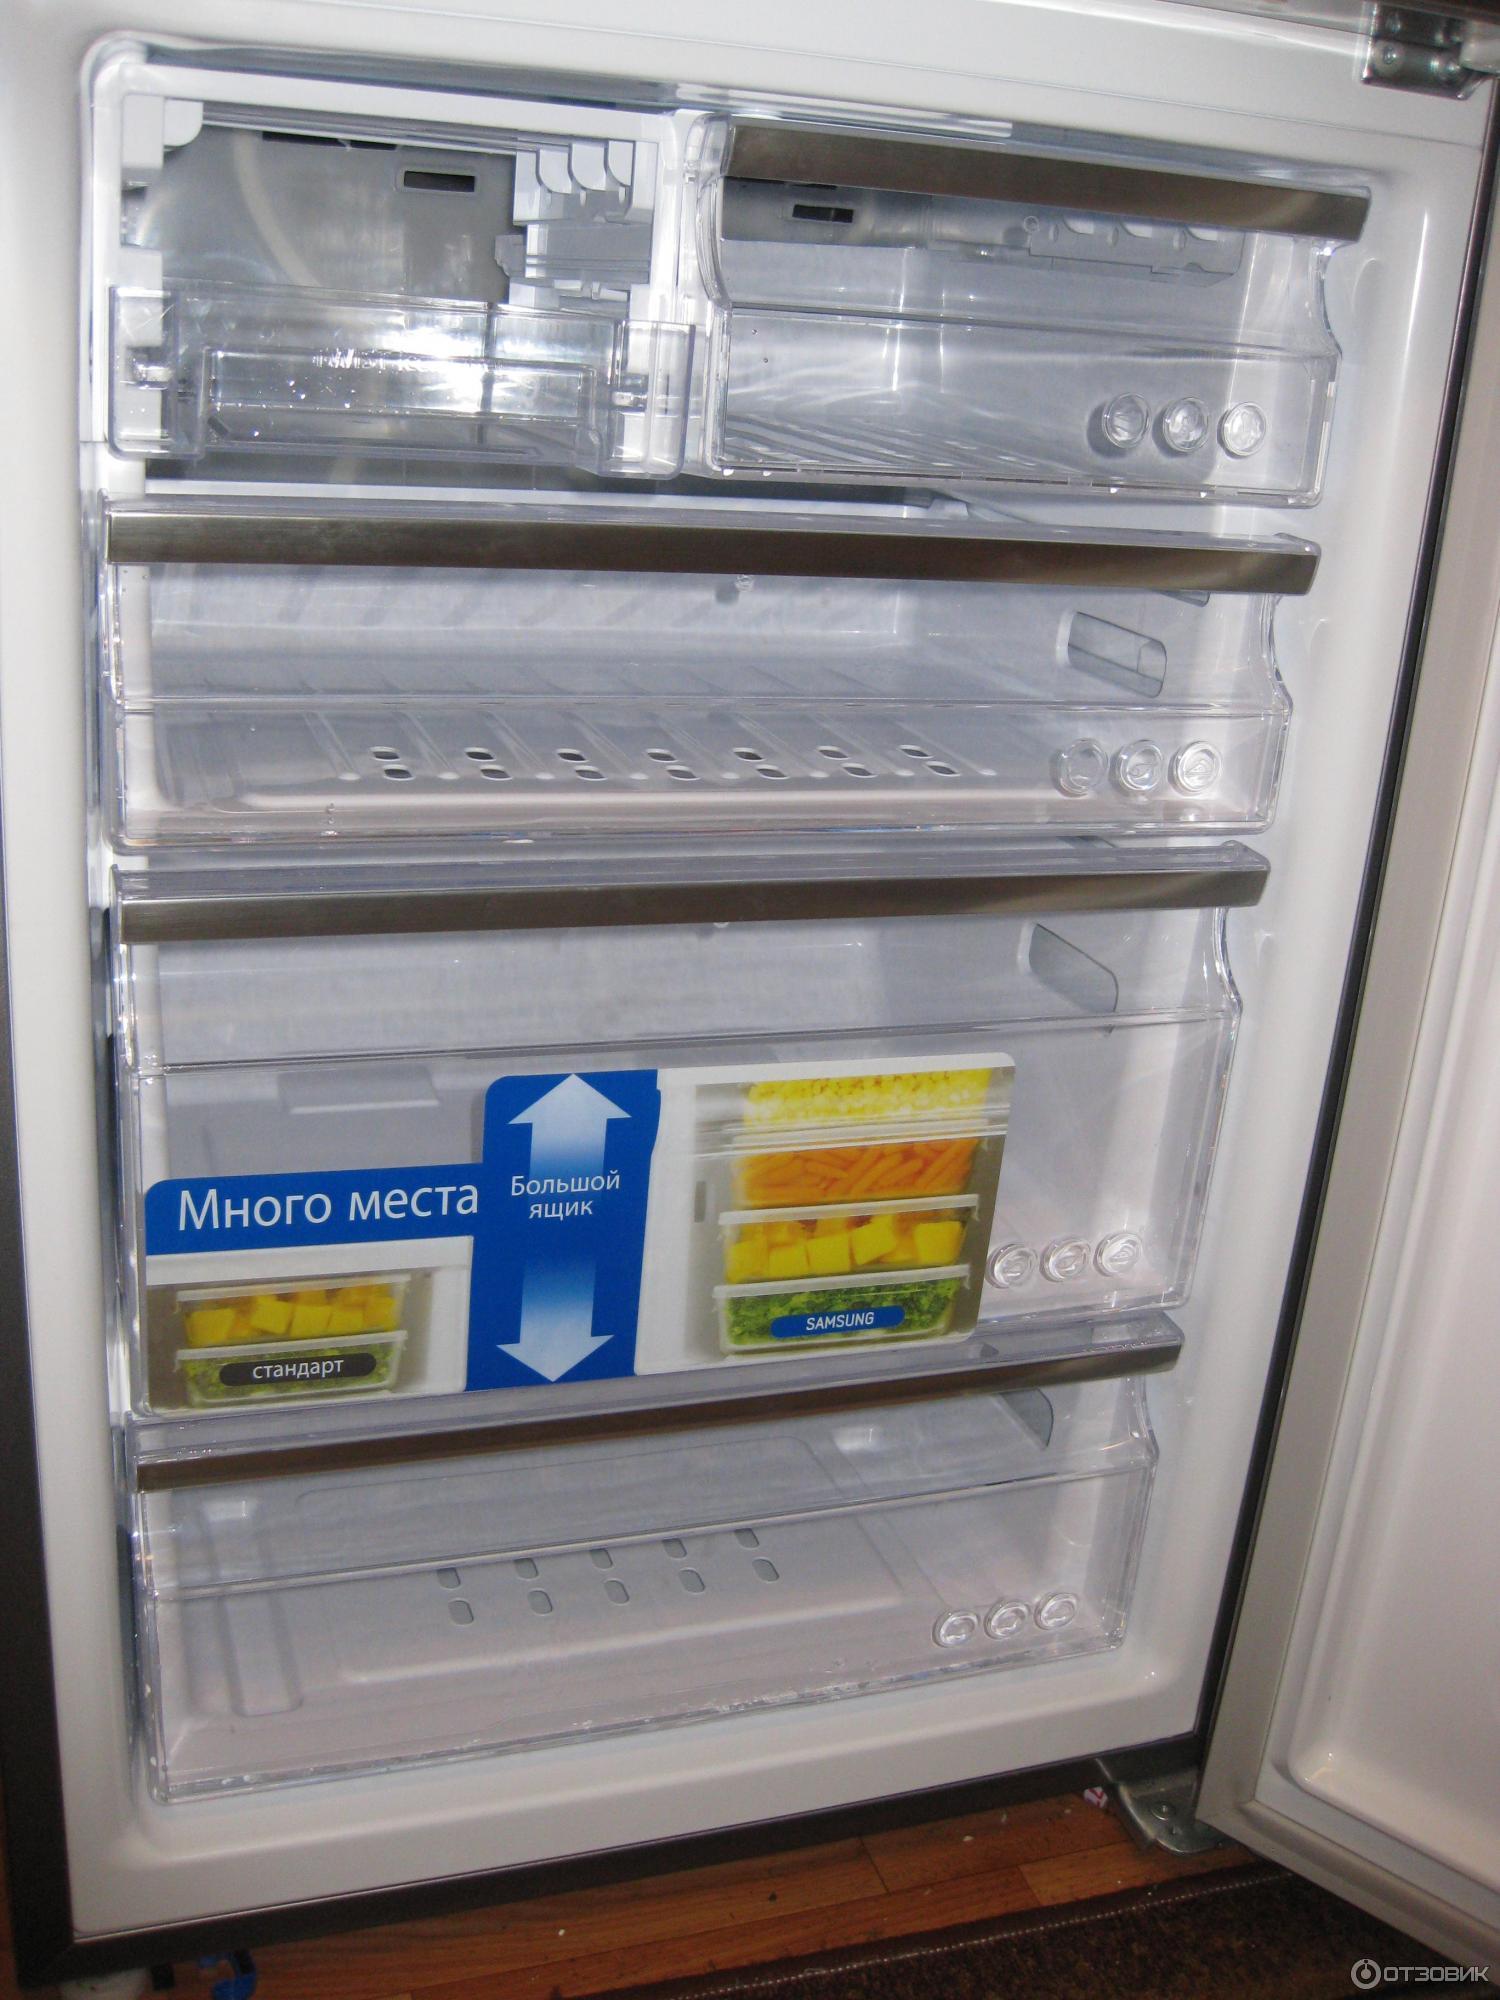 инструкция по эксплуатации на холодильник daewoo fr 540t